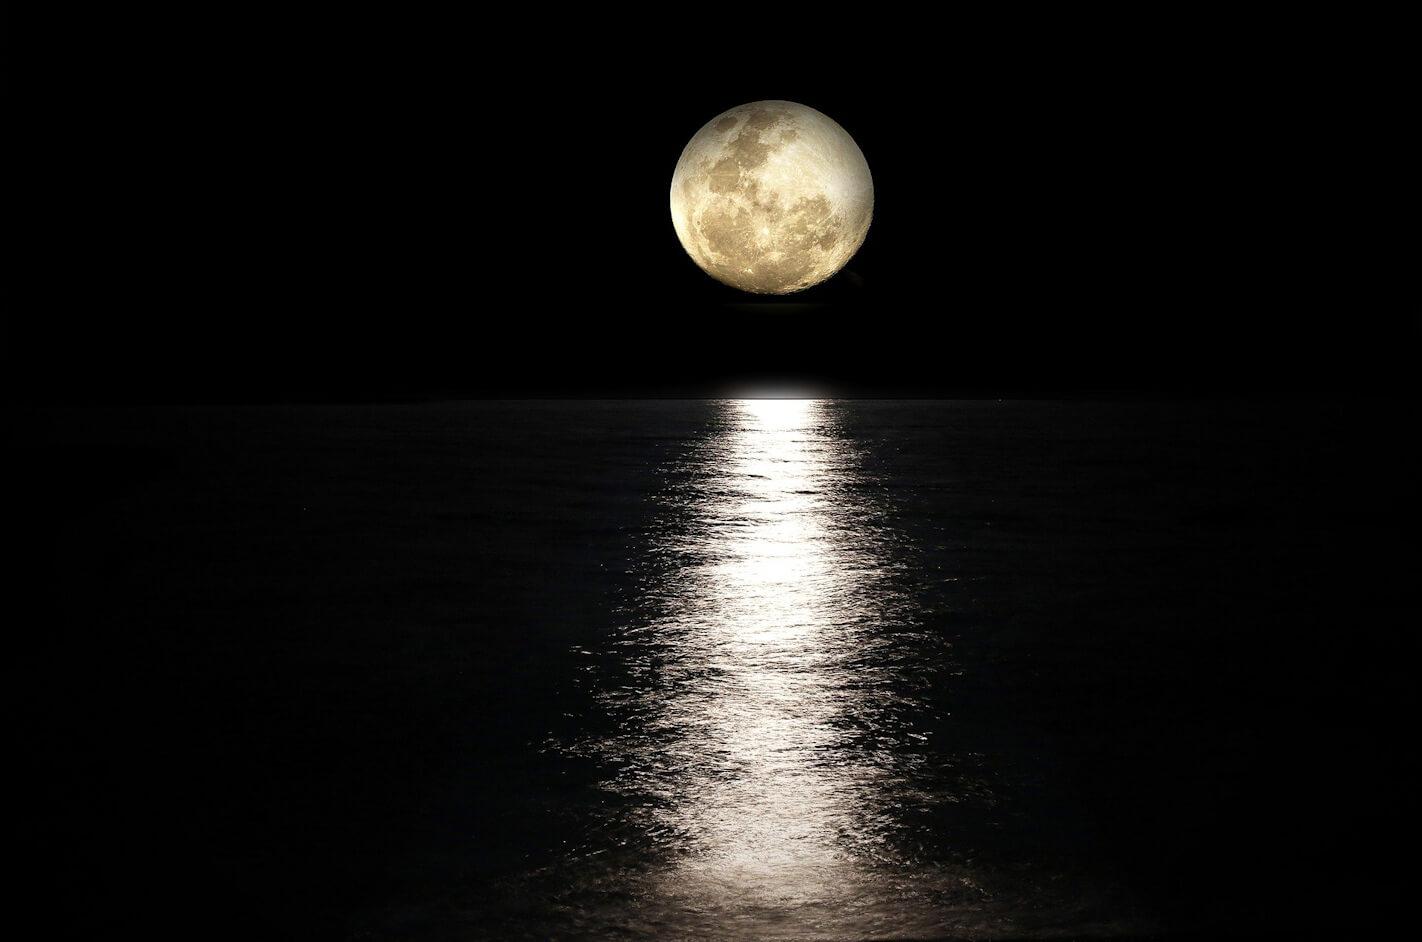 満月が映る静かな海